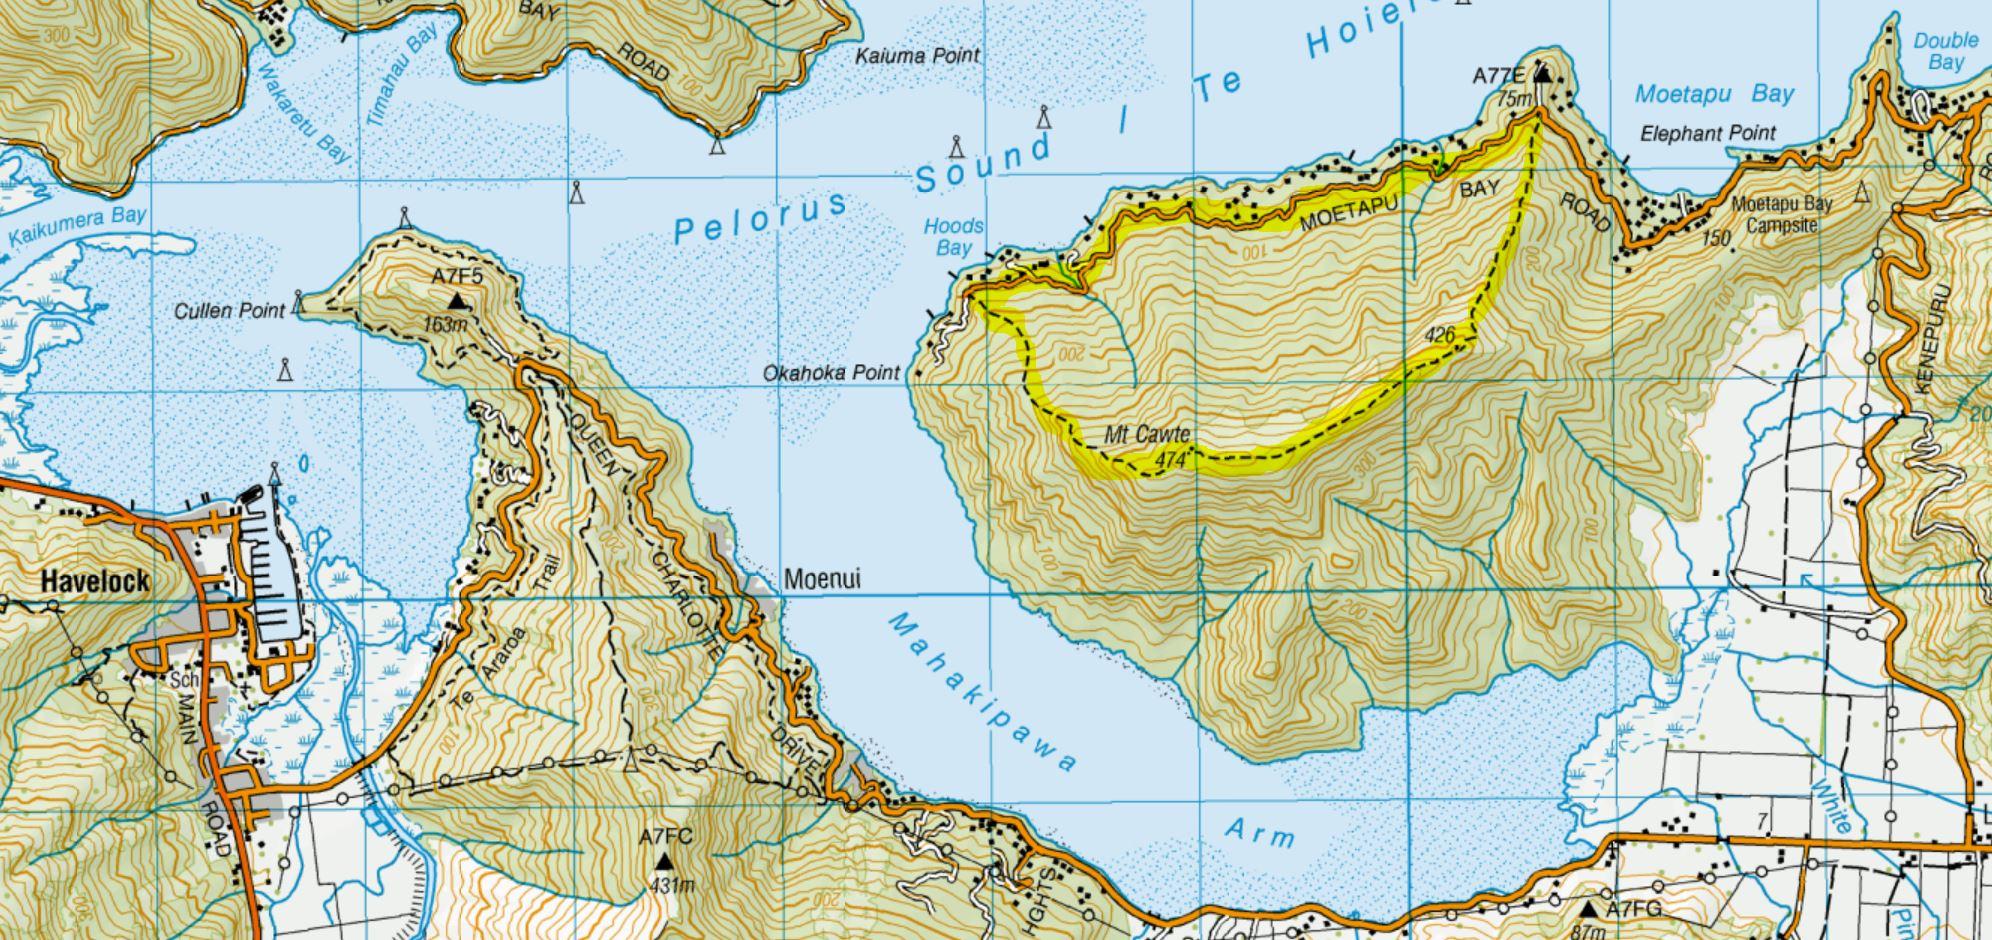 Mt Cawte Map